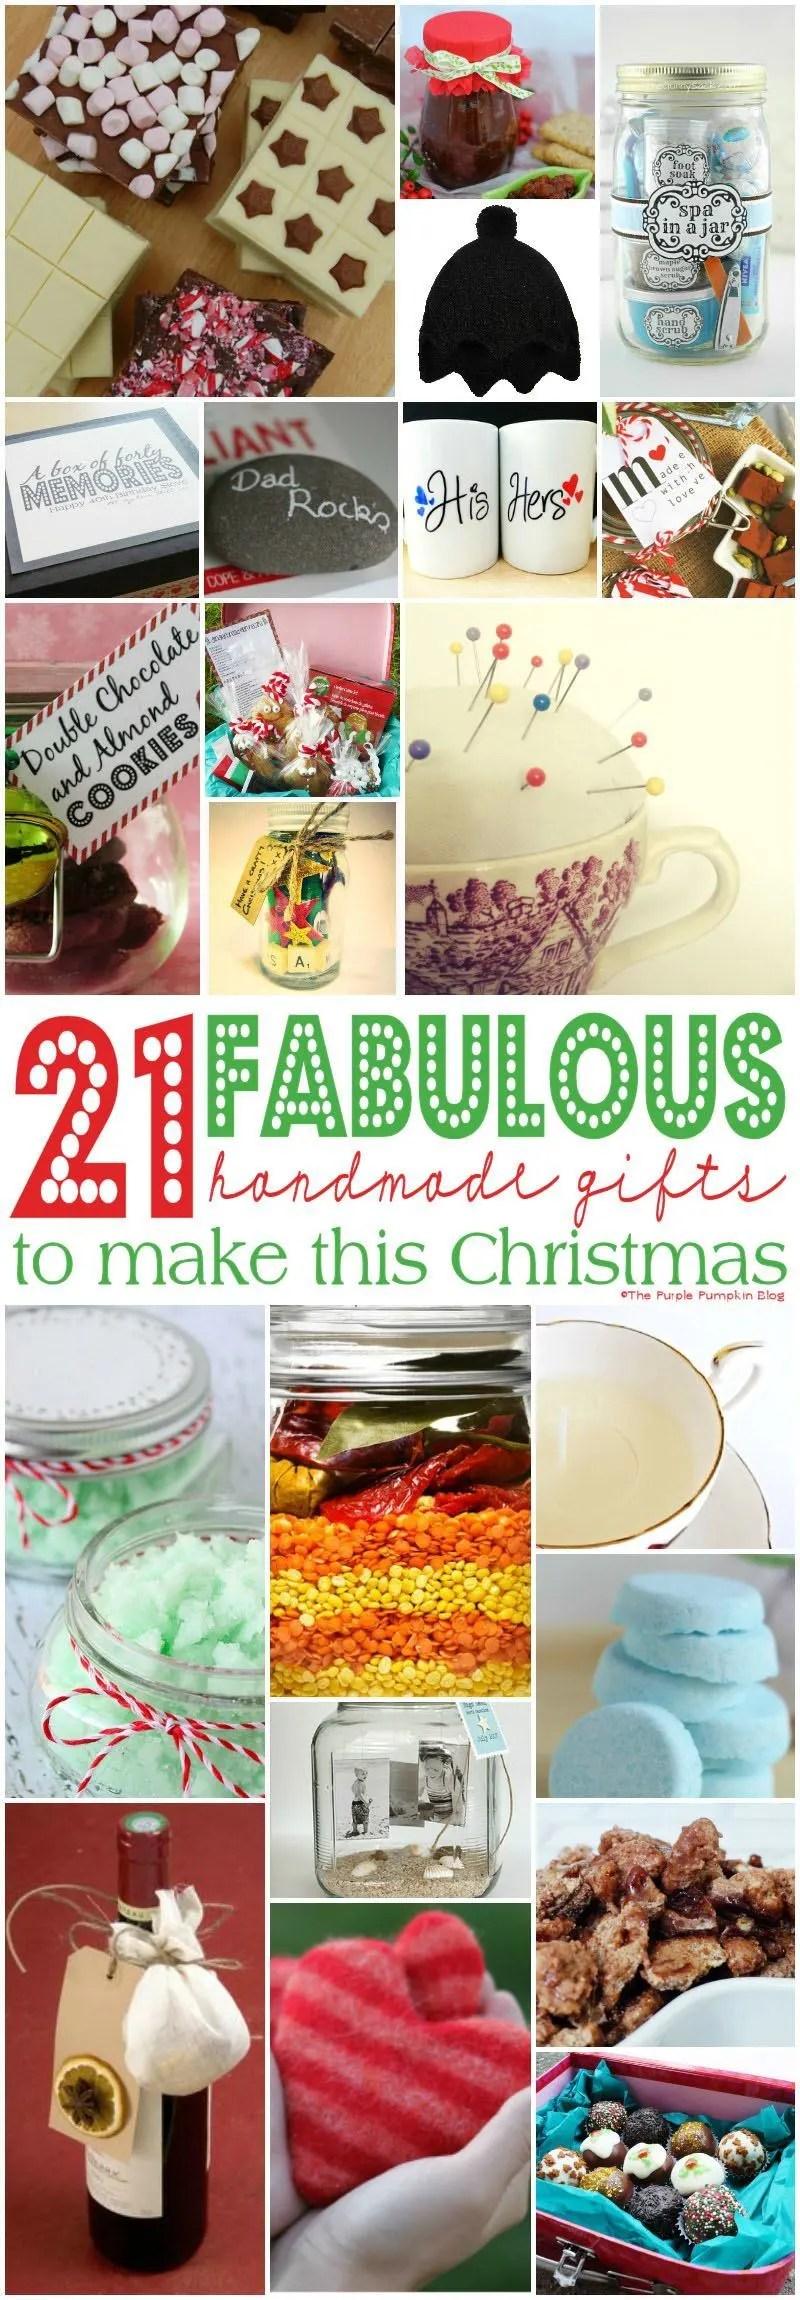 21 Fabulous Handmade Gifts To Make This Christmas